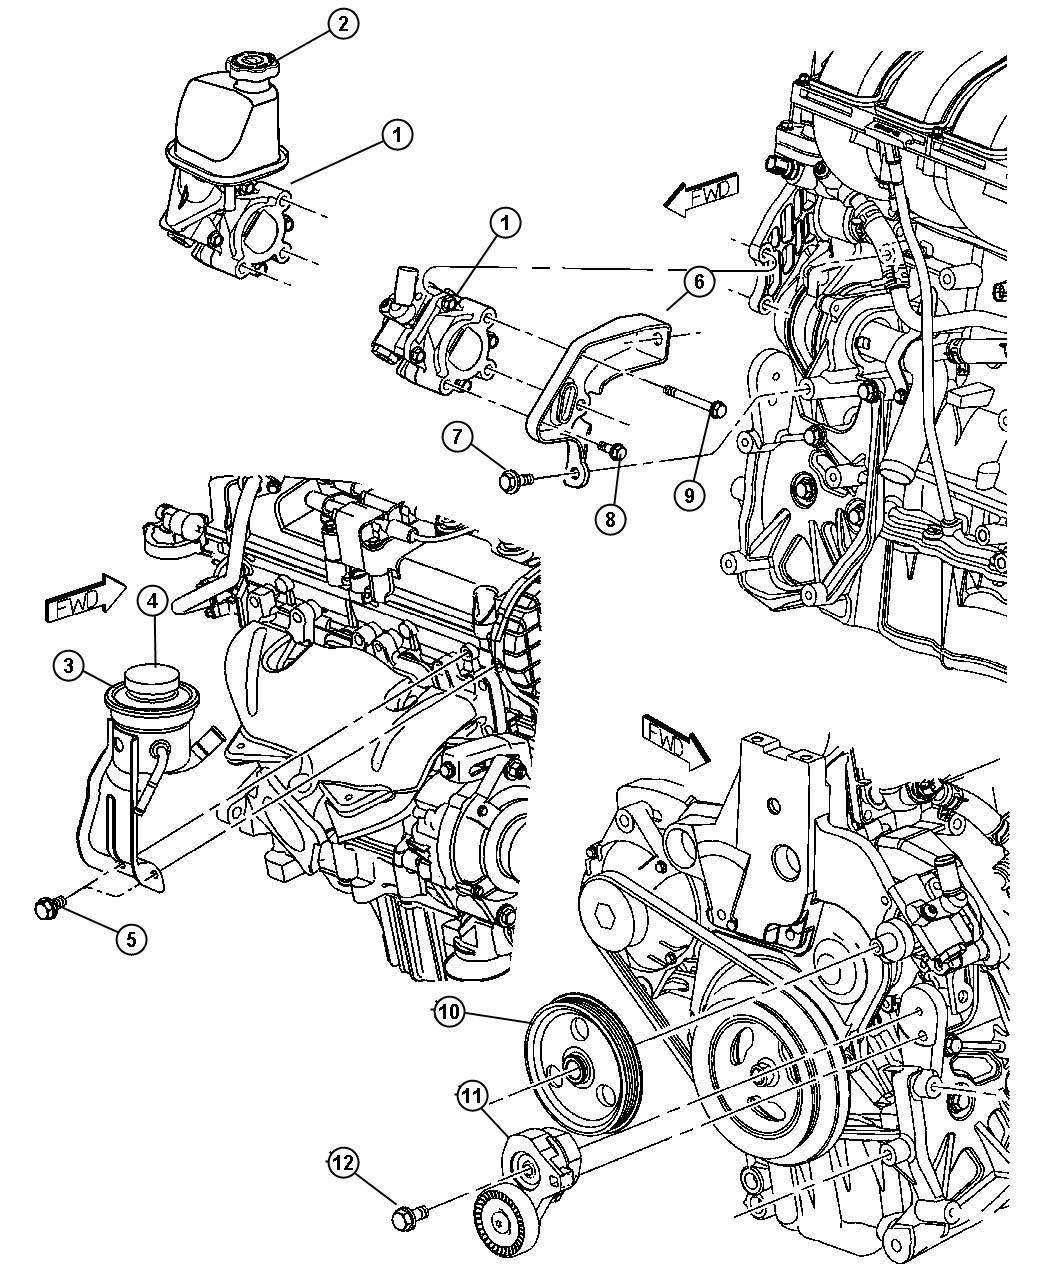 Chrysler Pt Cruiser Gt 2 4l I4 Dohc 16v H O Turbo 5